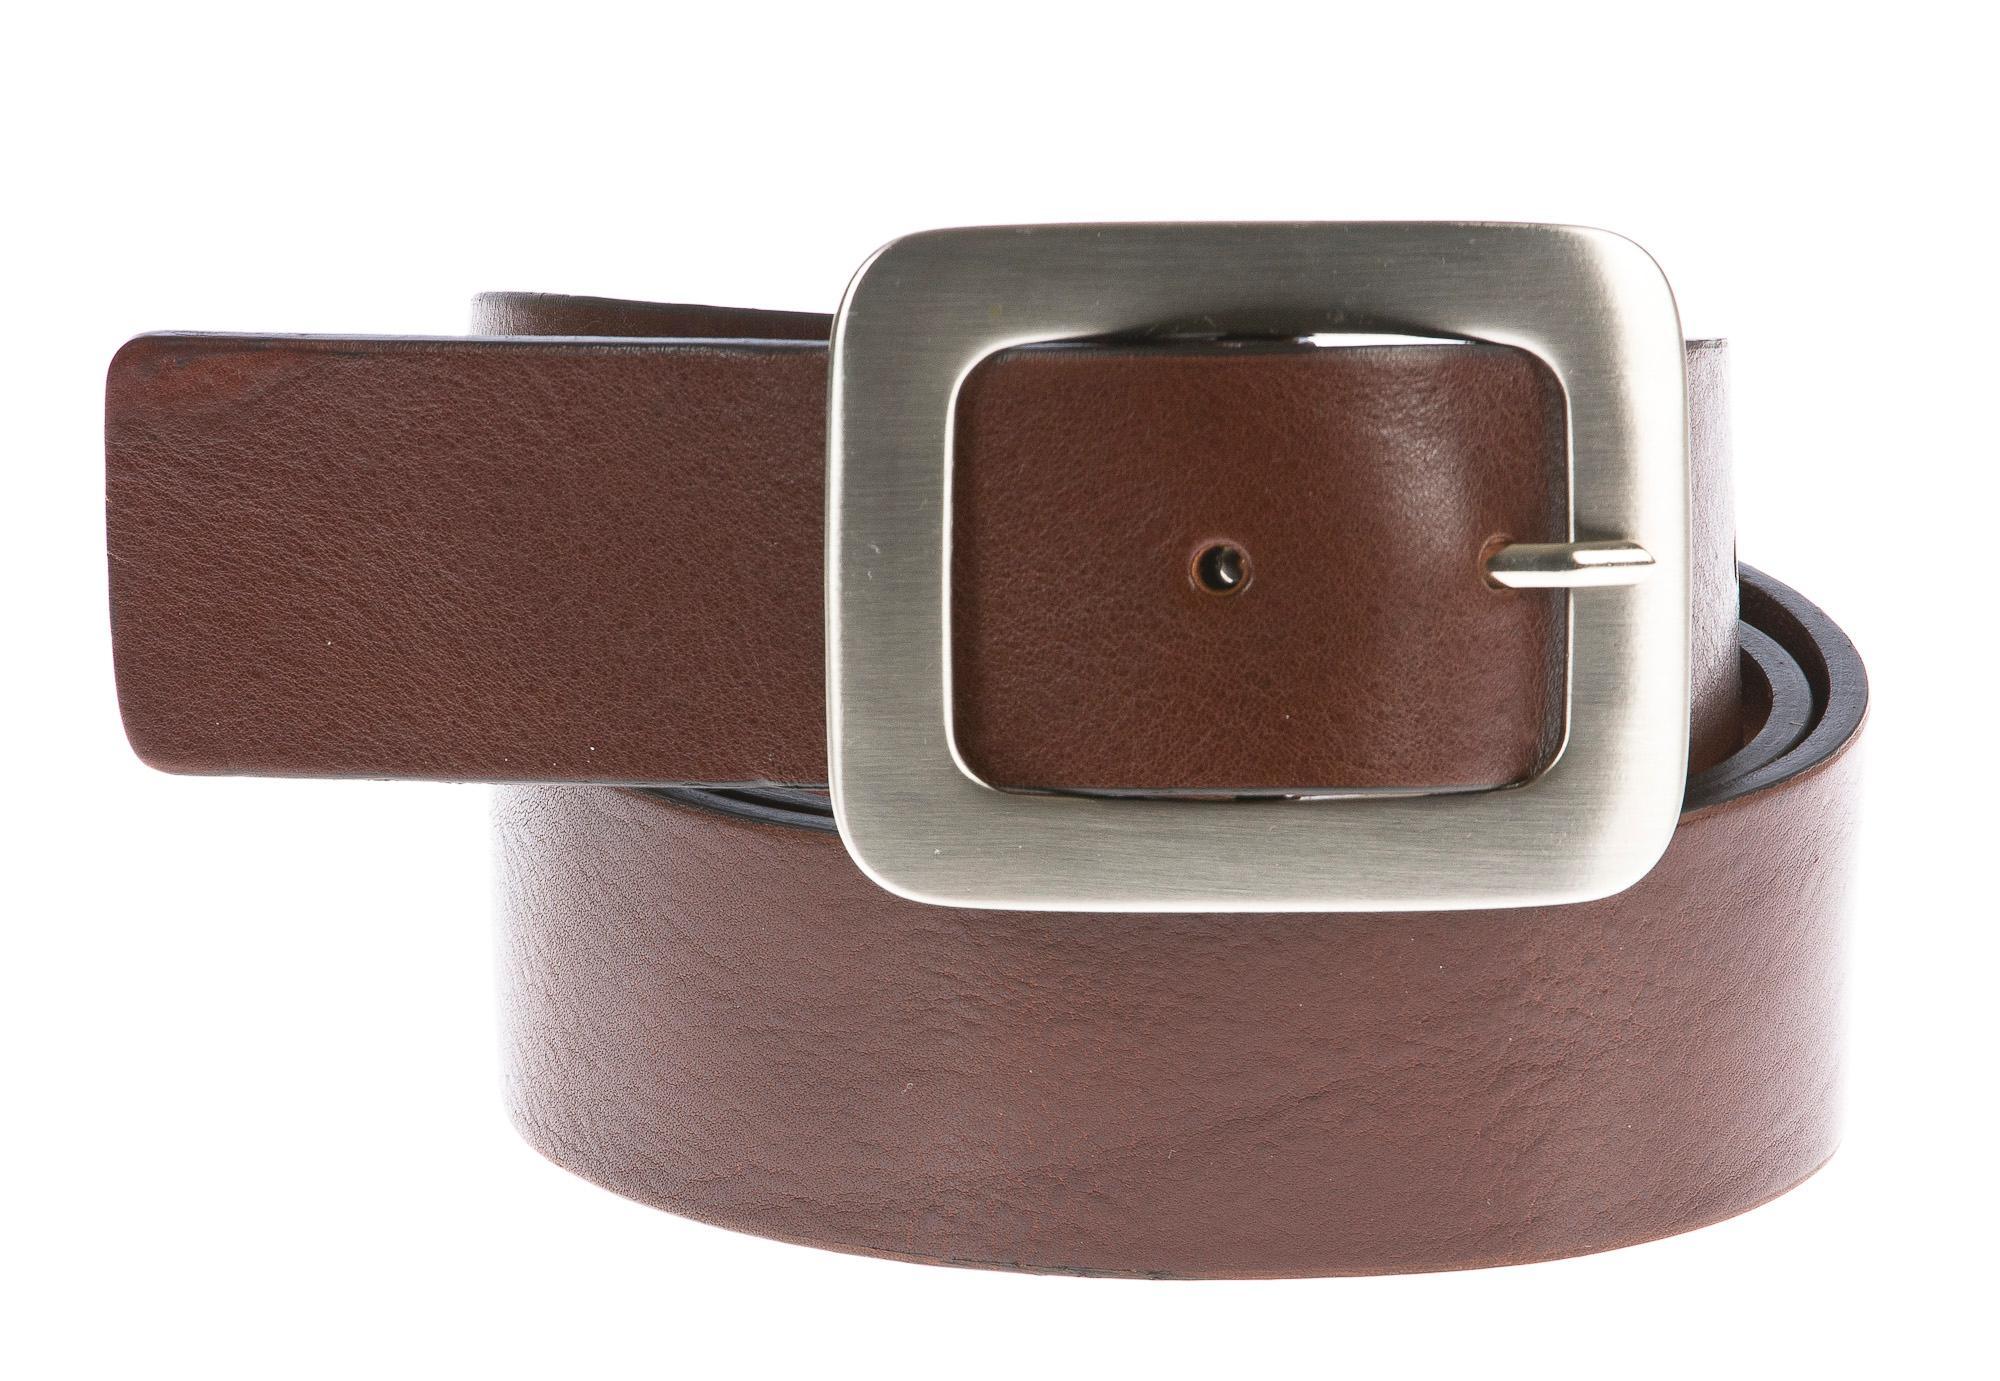 Cintura donna in vera pelle DELIA REI mod. BRESLAVIA colore MARRONE Made in Italy